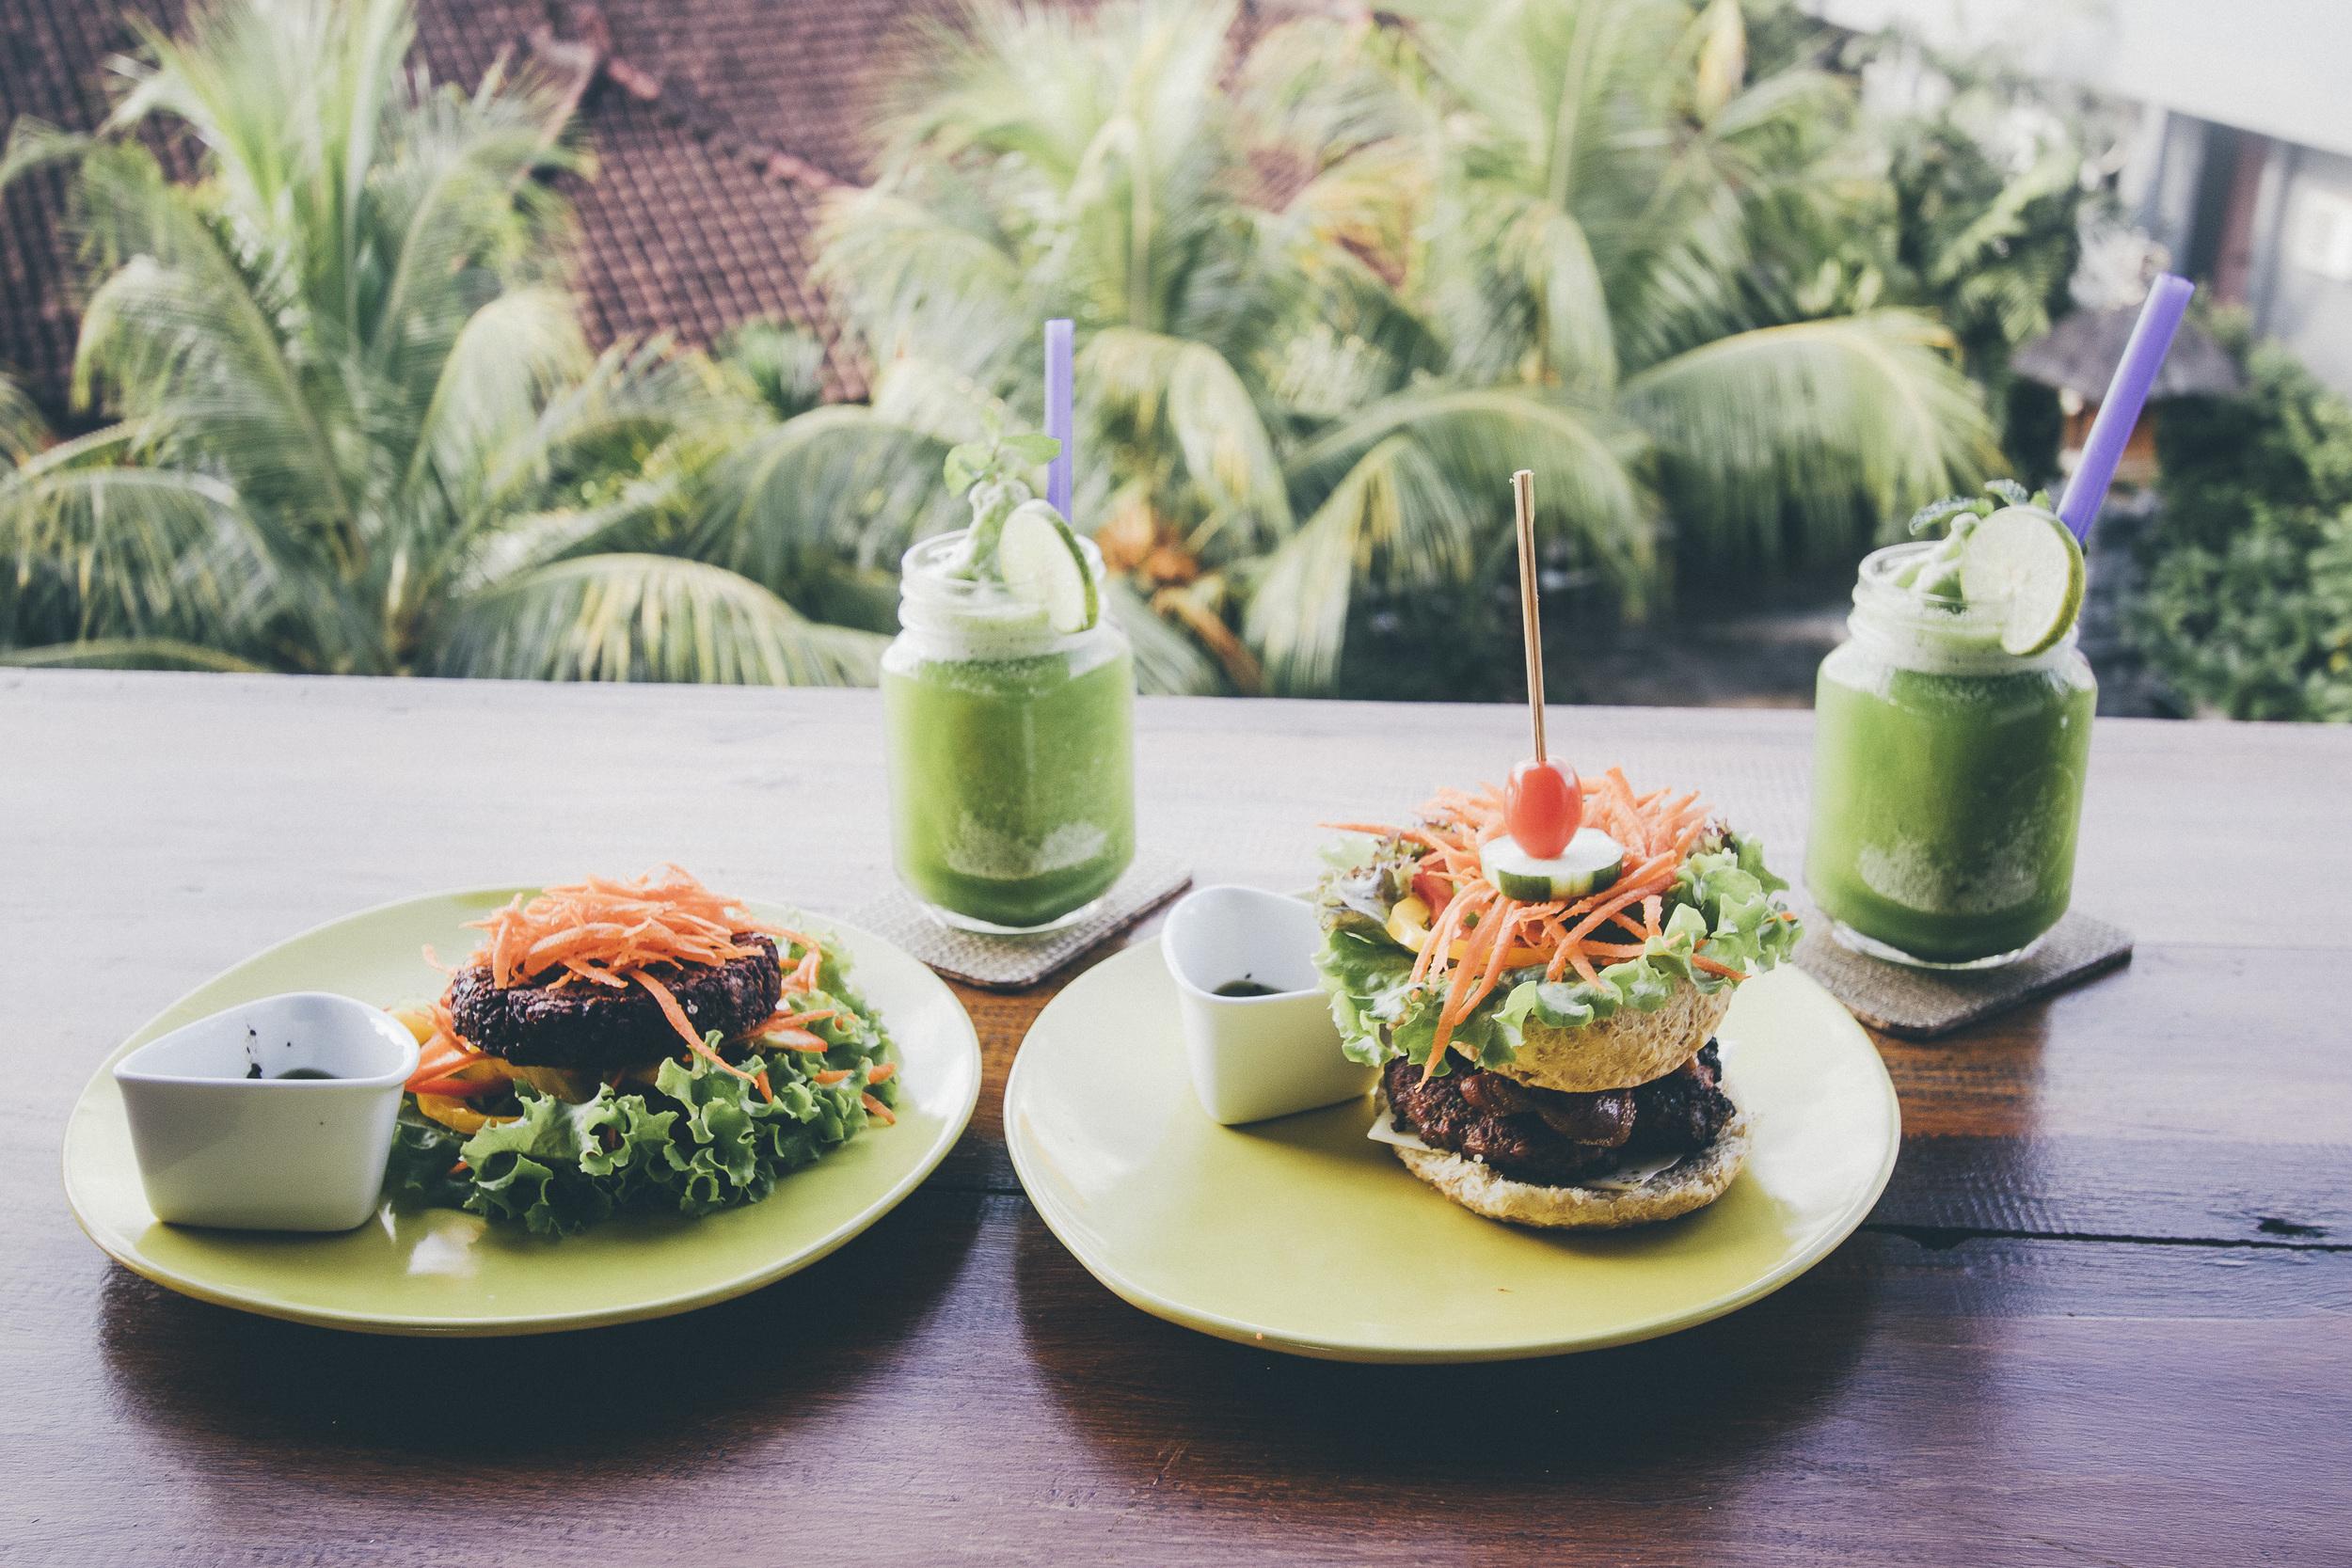 Superburgerit. Niihin sai valita mitä tahansa terveellisiä täytteitä paikallisesta superfood-valikoimasta. Hedelmämehuja ja smuuteja saa joka paikasta kaikissa sateenkaaren väreissä.